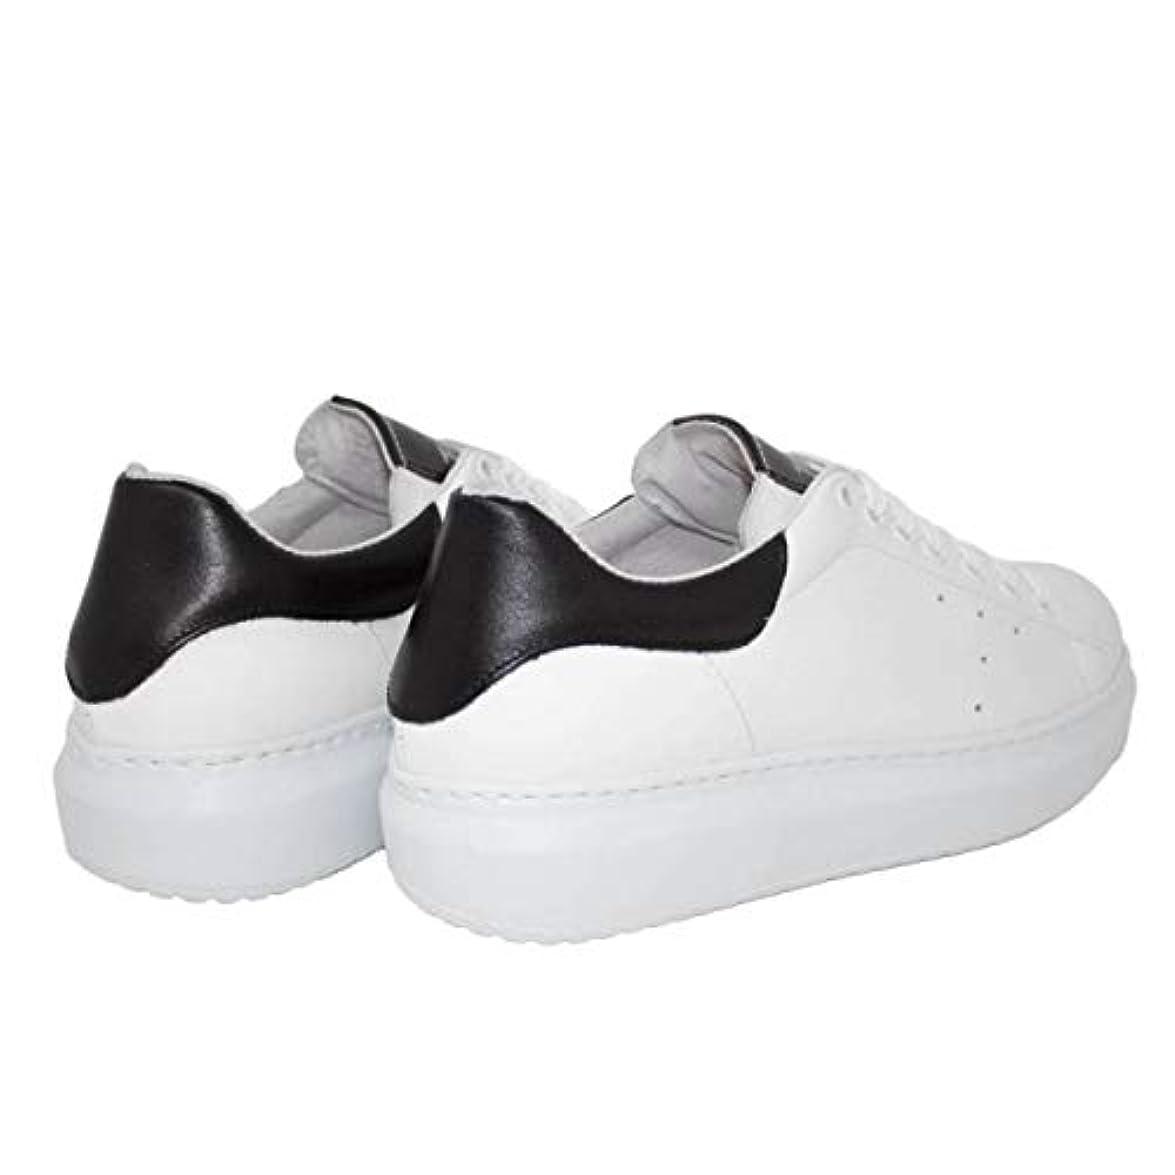 Tstylish Matrice Tiurai Nuova Sneakers Donna Da Ginnastica 2019 Collezione Scarpa